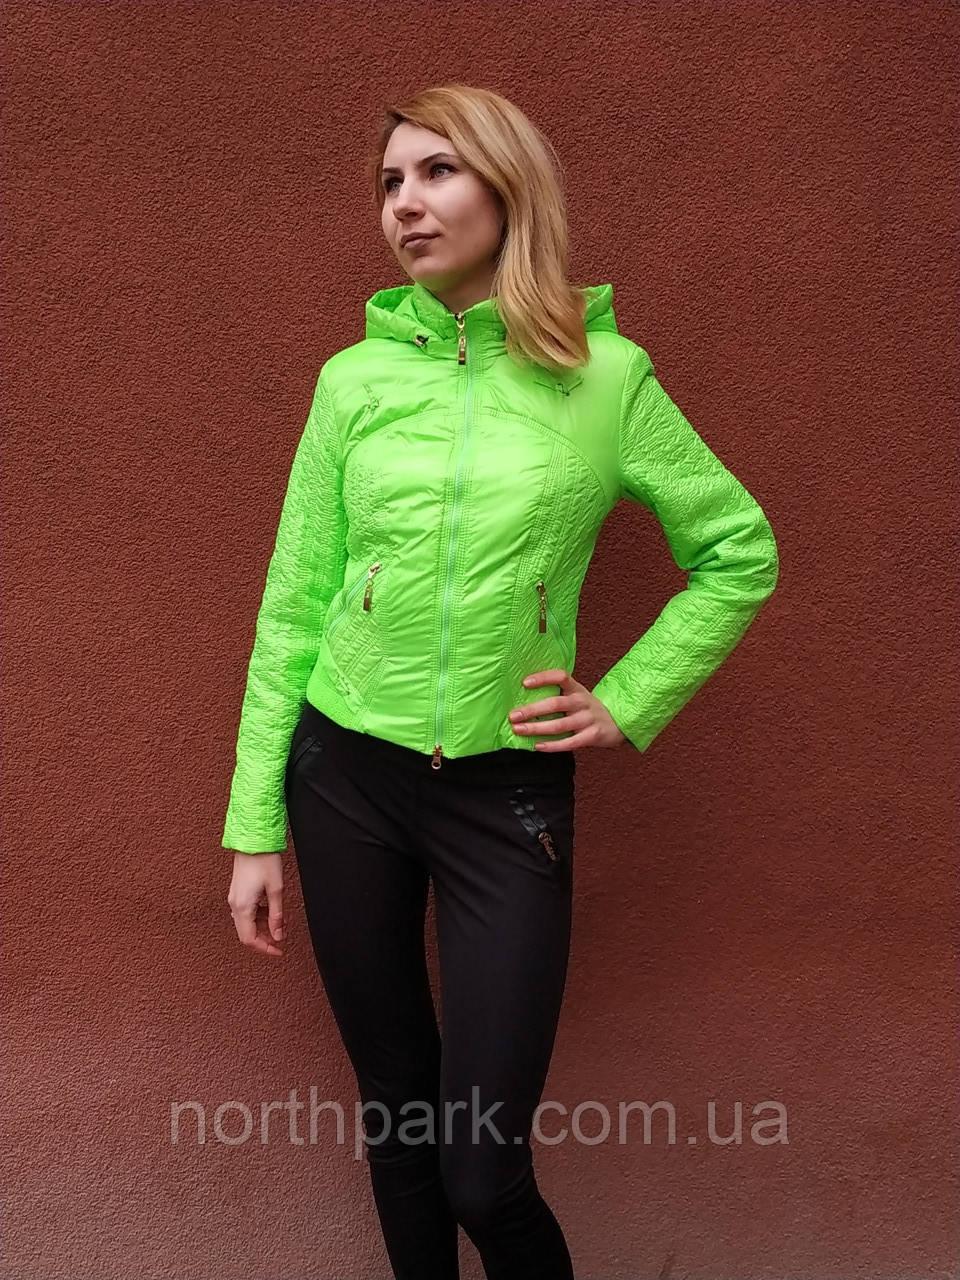 Яркая женская куртка на весну, салатовая